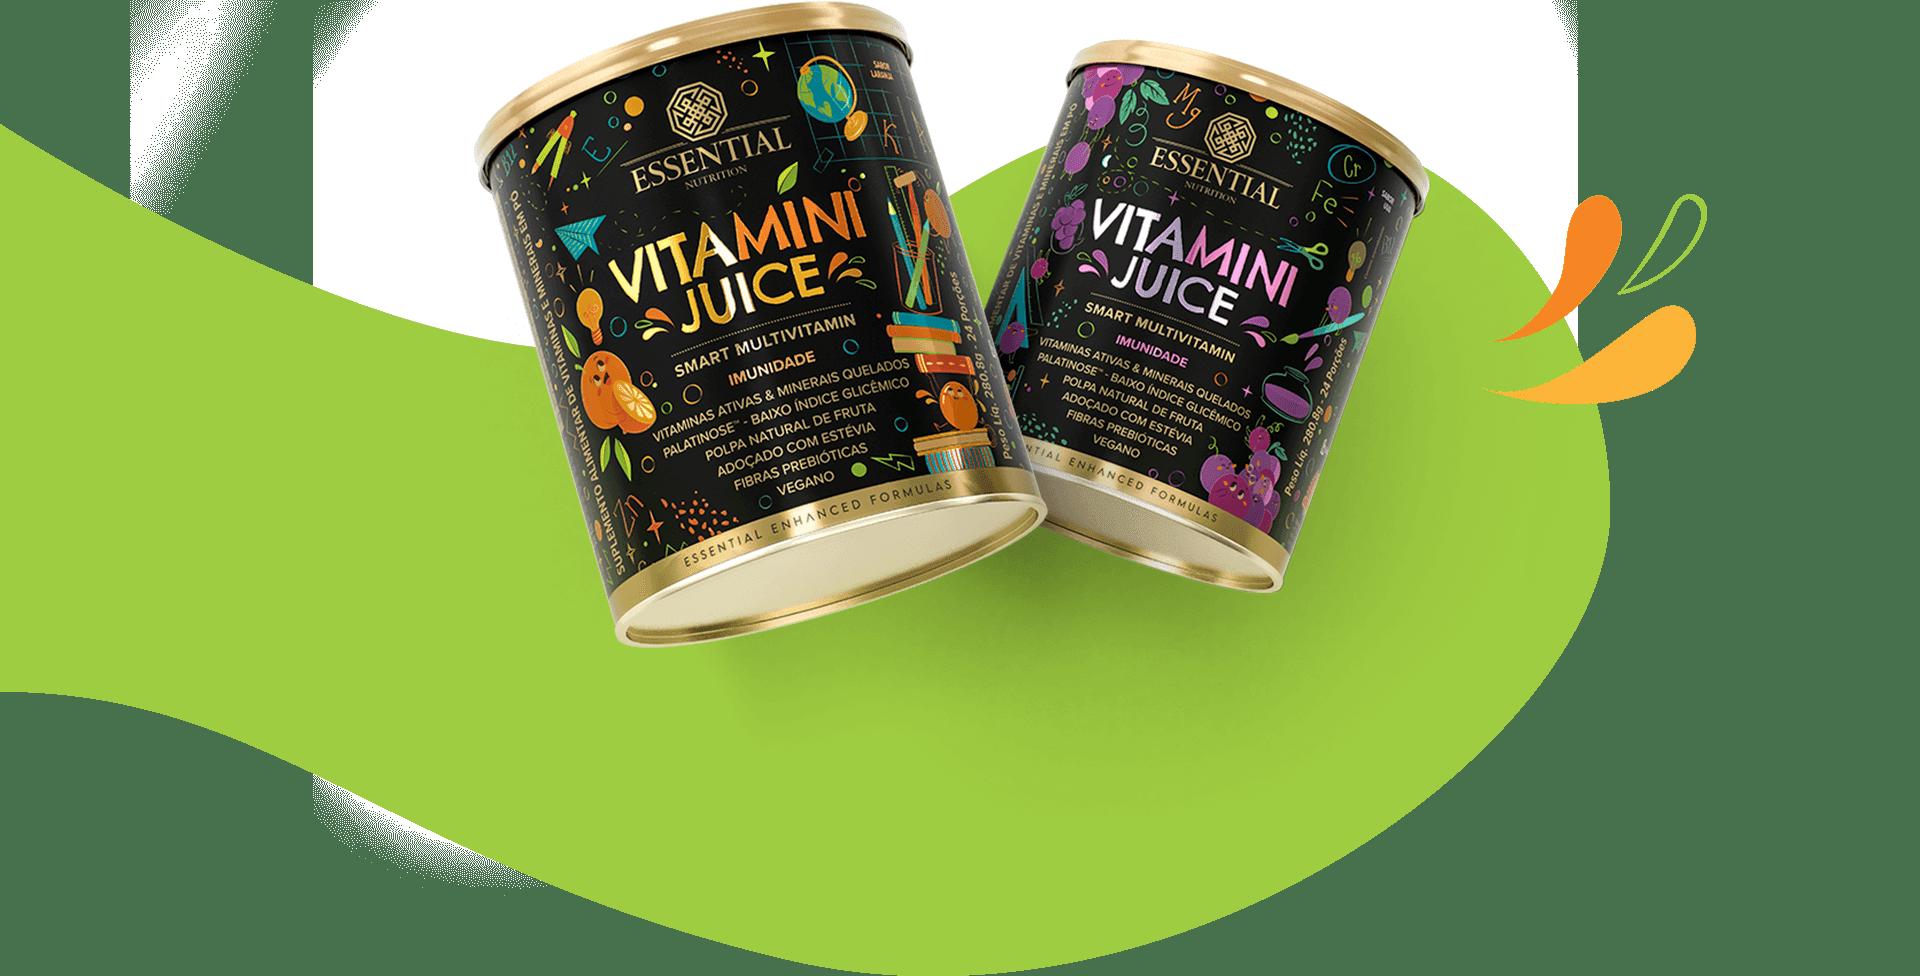 VITAMINI JUICE 280,8g/24 DOSES - ESSENTIAL NUTRITTION